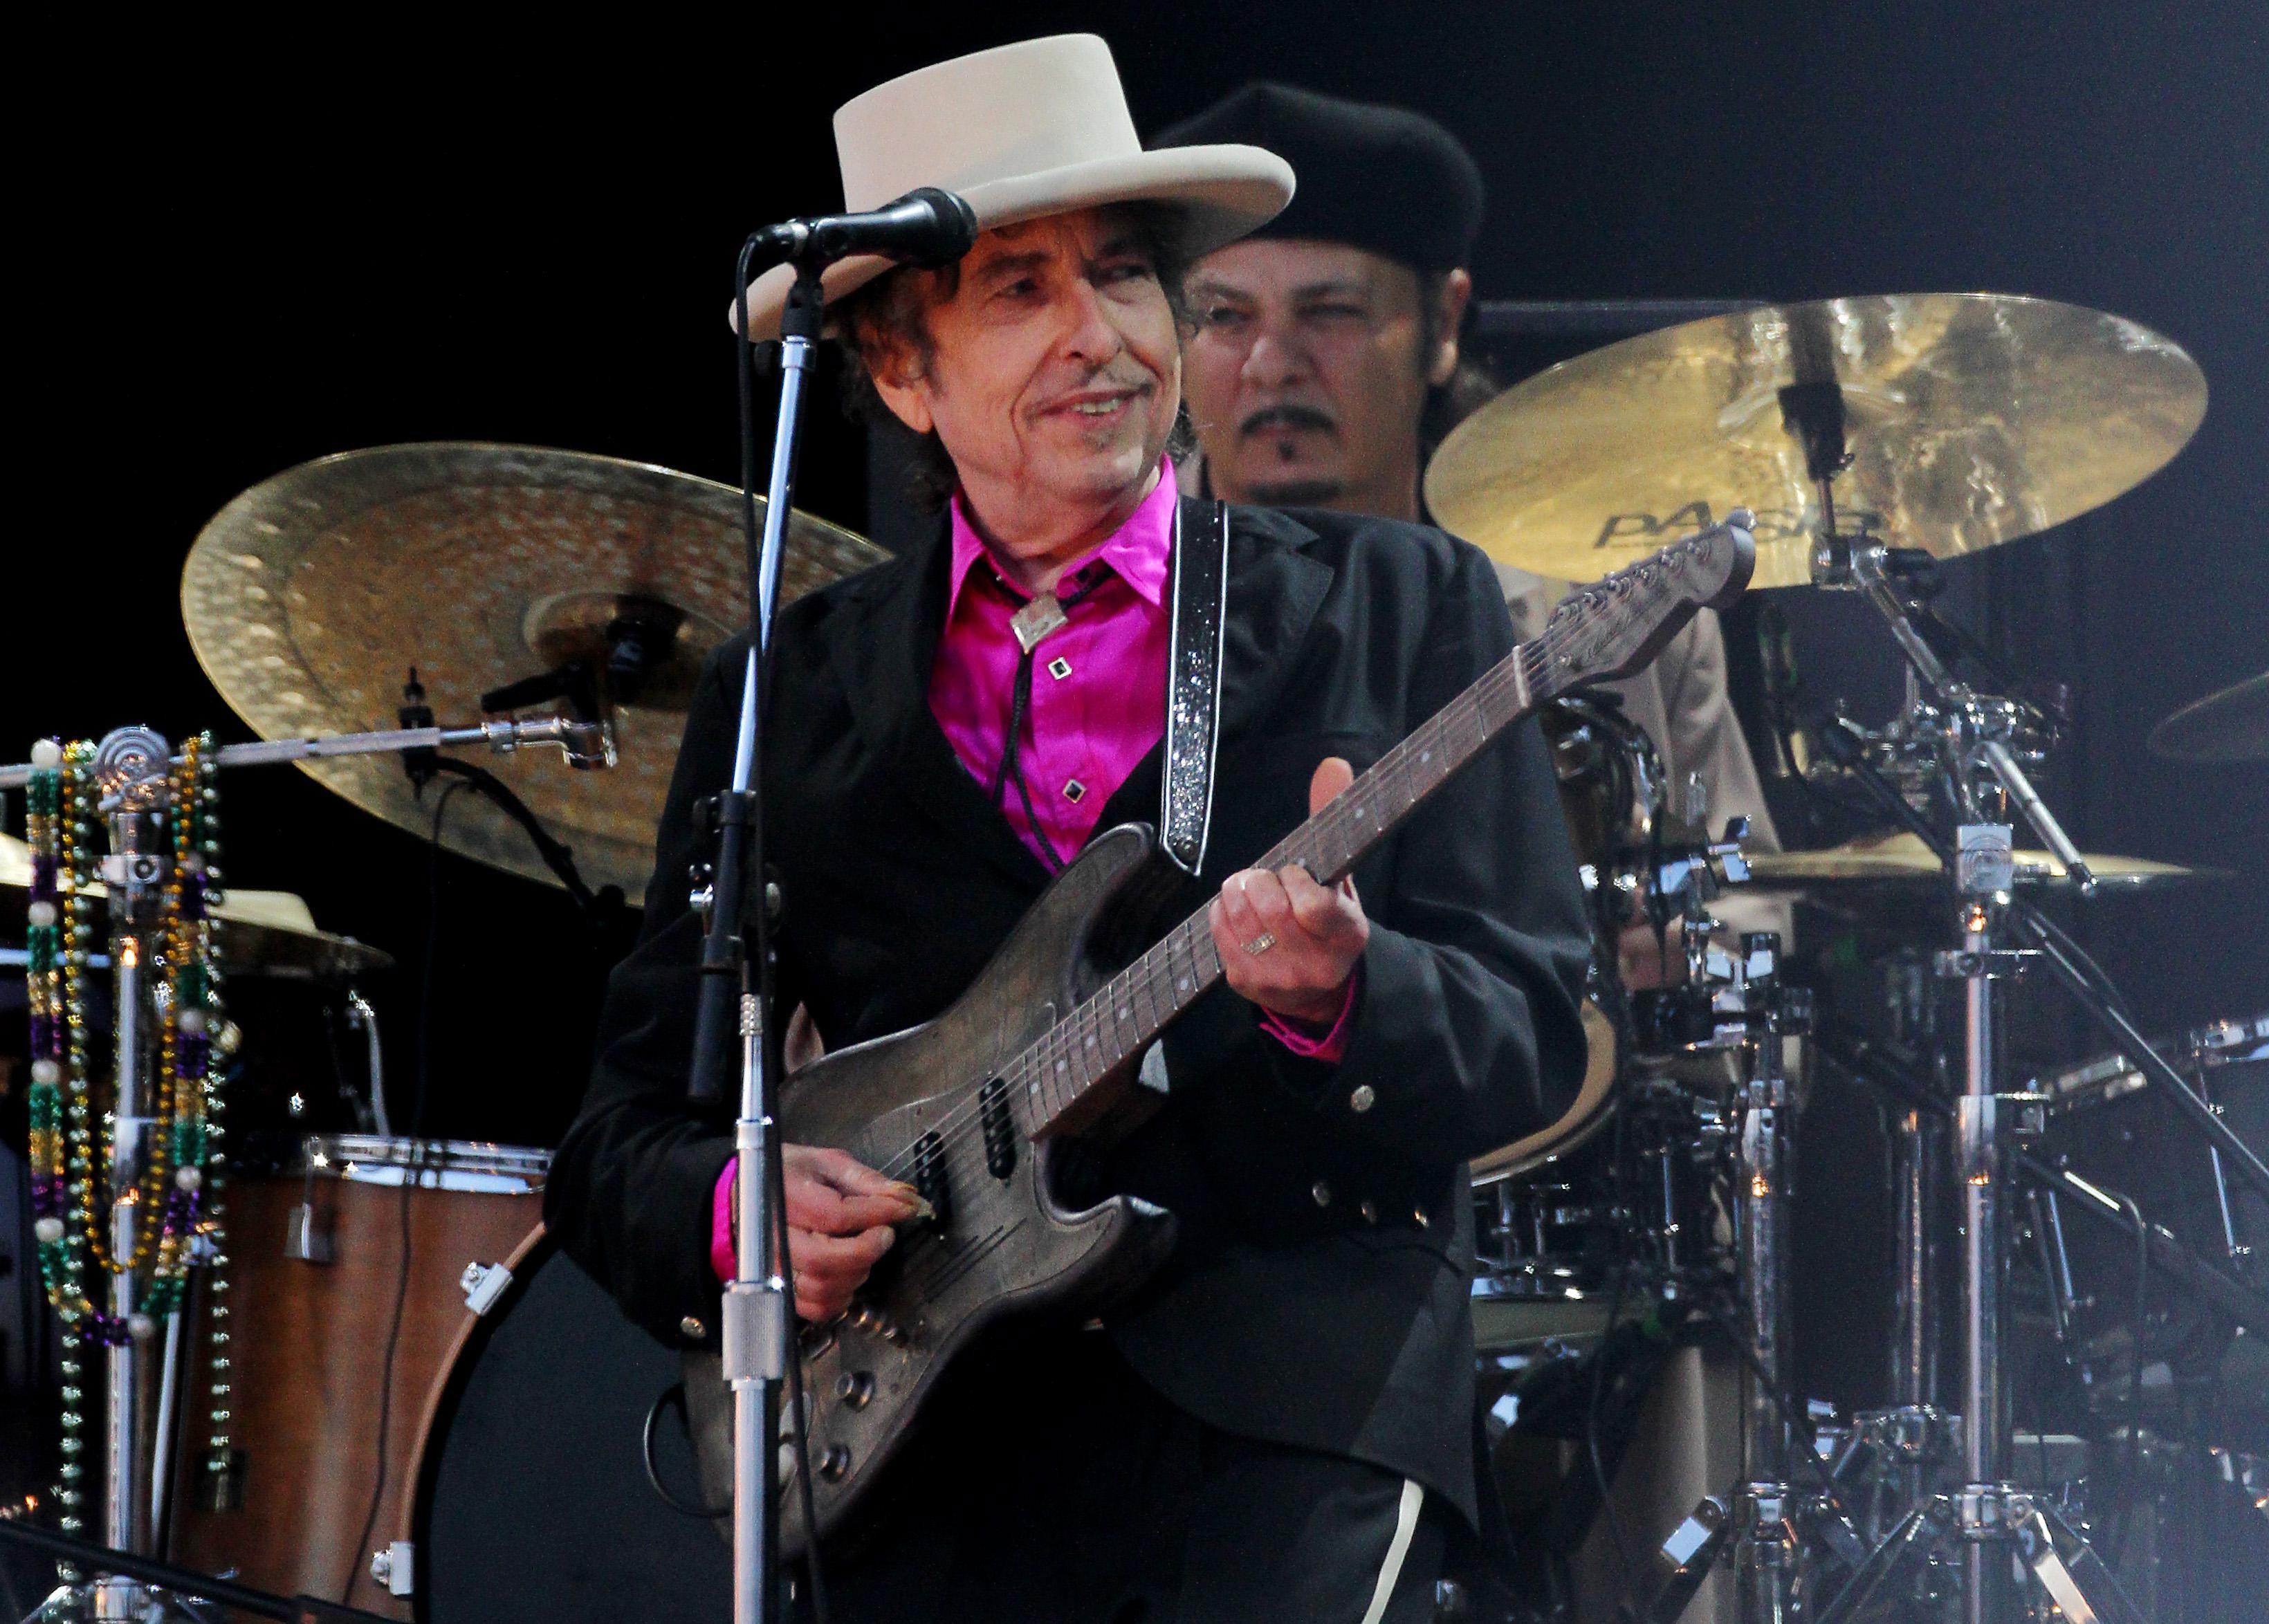 Электрогитару, накоторой играл Боб Дилан, продали вСША за $490 тыс.